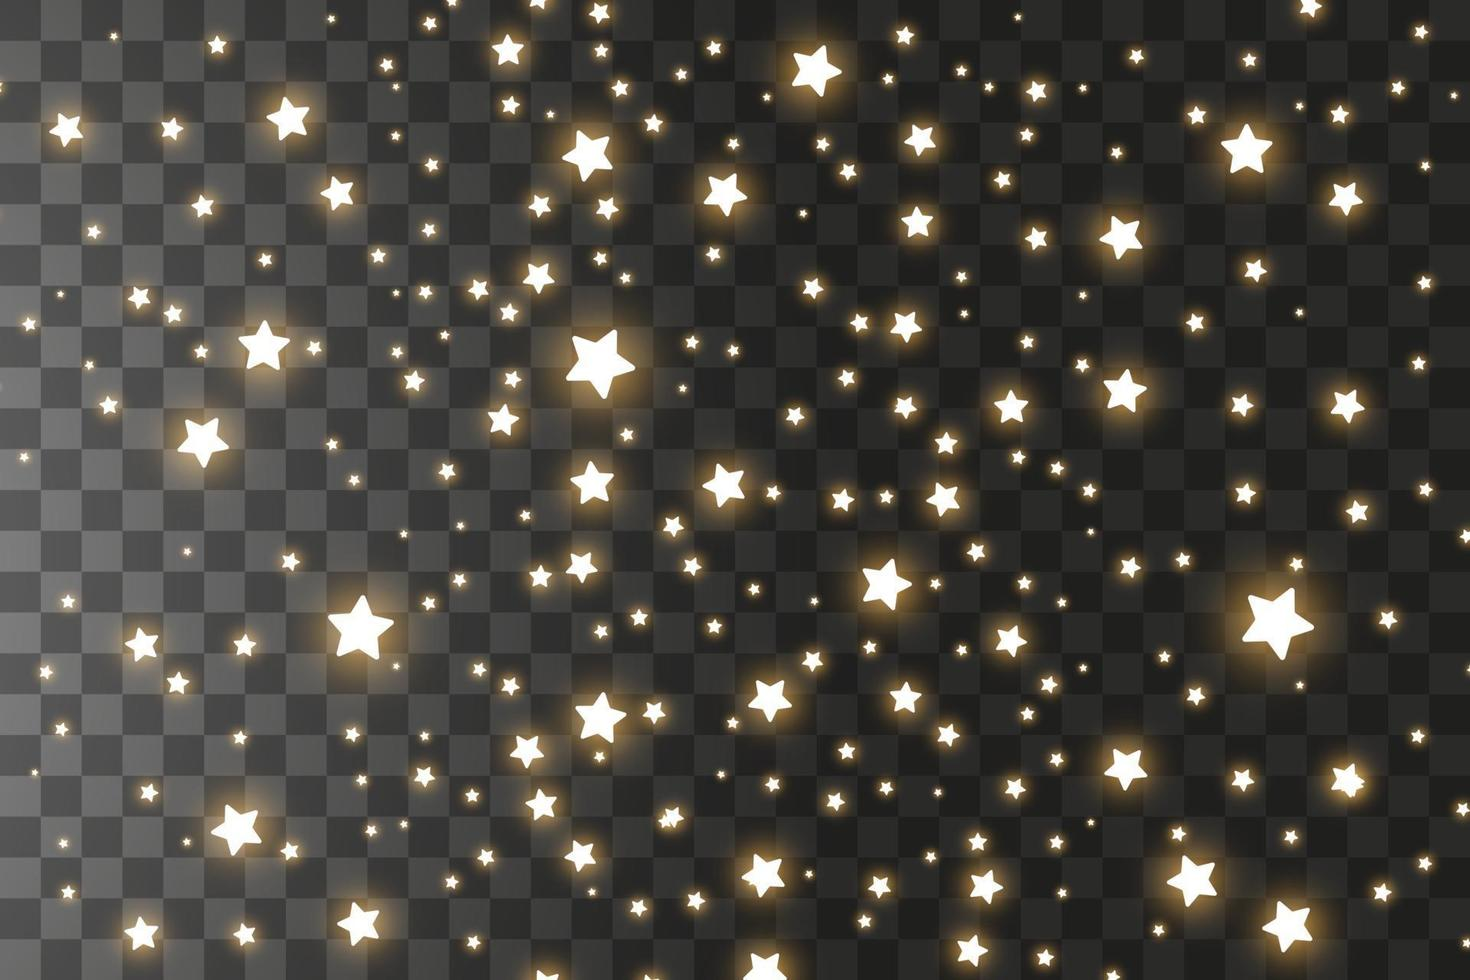 Satz goldener Sternschnuppen. Wolke der goldenen Sterne isoliert. Vektorillustration. Meteoroid, Komet, Asteroid, Sterne vektor